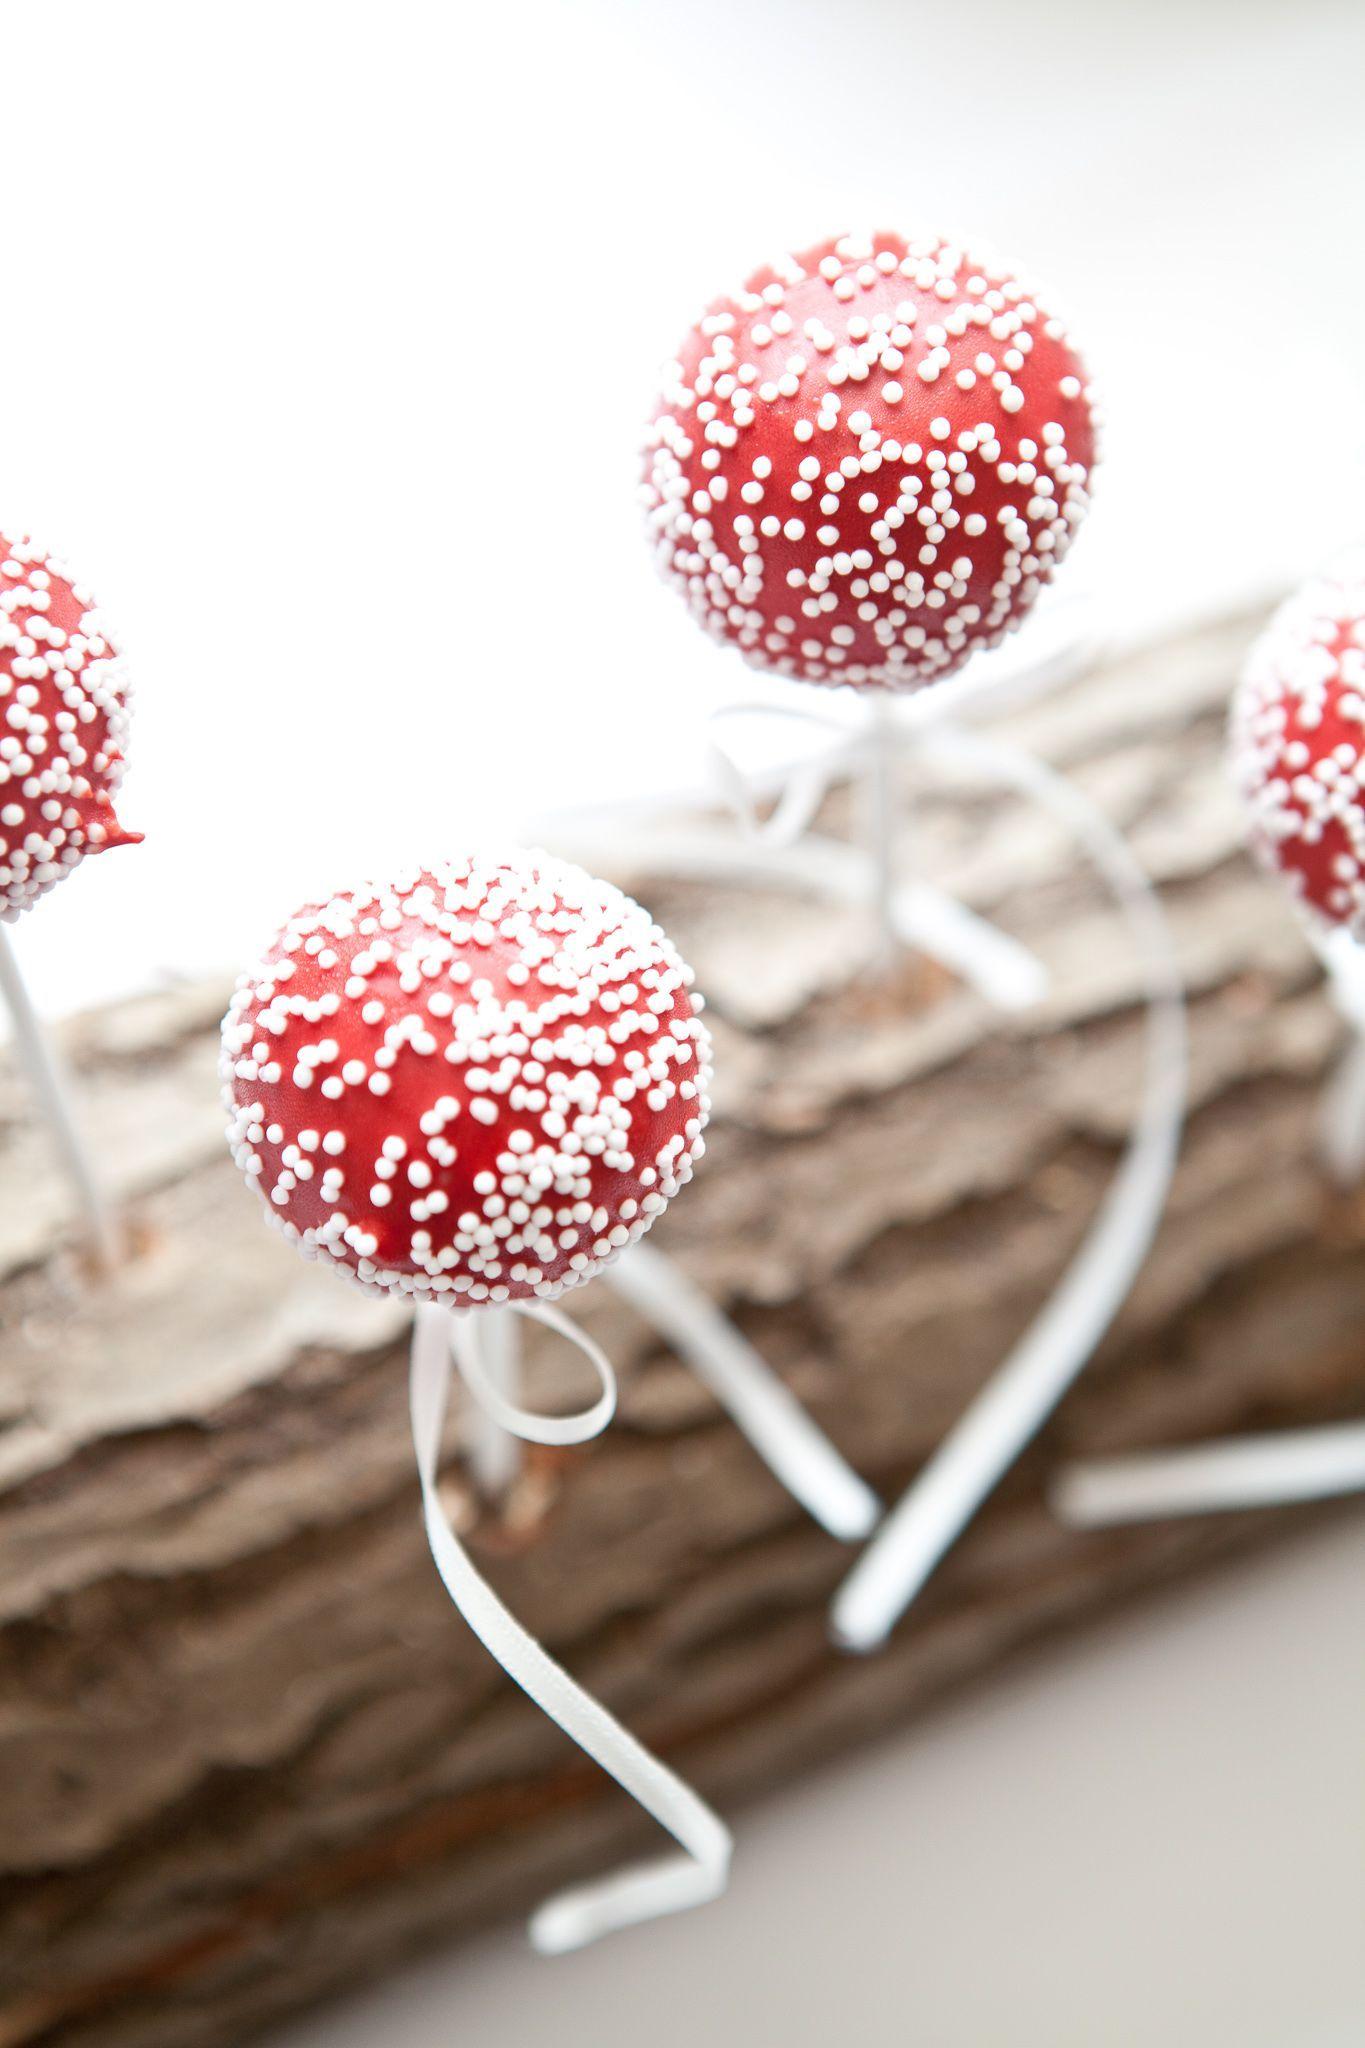 Haus vorderseite seitenwand design cakepops sind das perfekte gastgeschenk für eure hochzeit cakepops